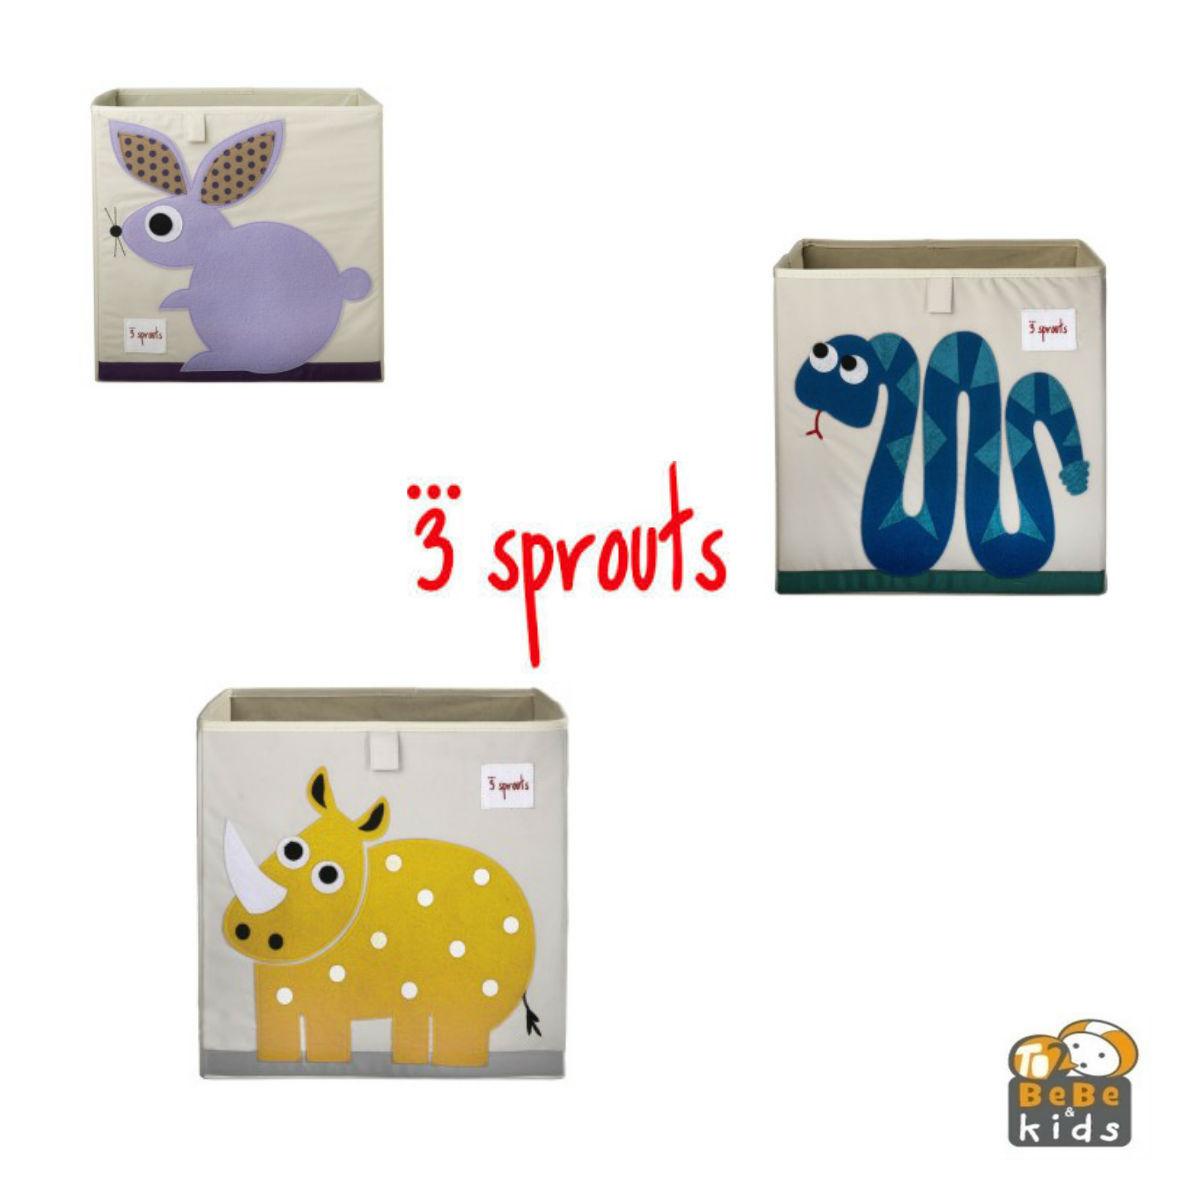 To2bebe kids 3 sprouts en espa a toallas arc n de - Cajas almacenaje ropa ...